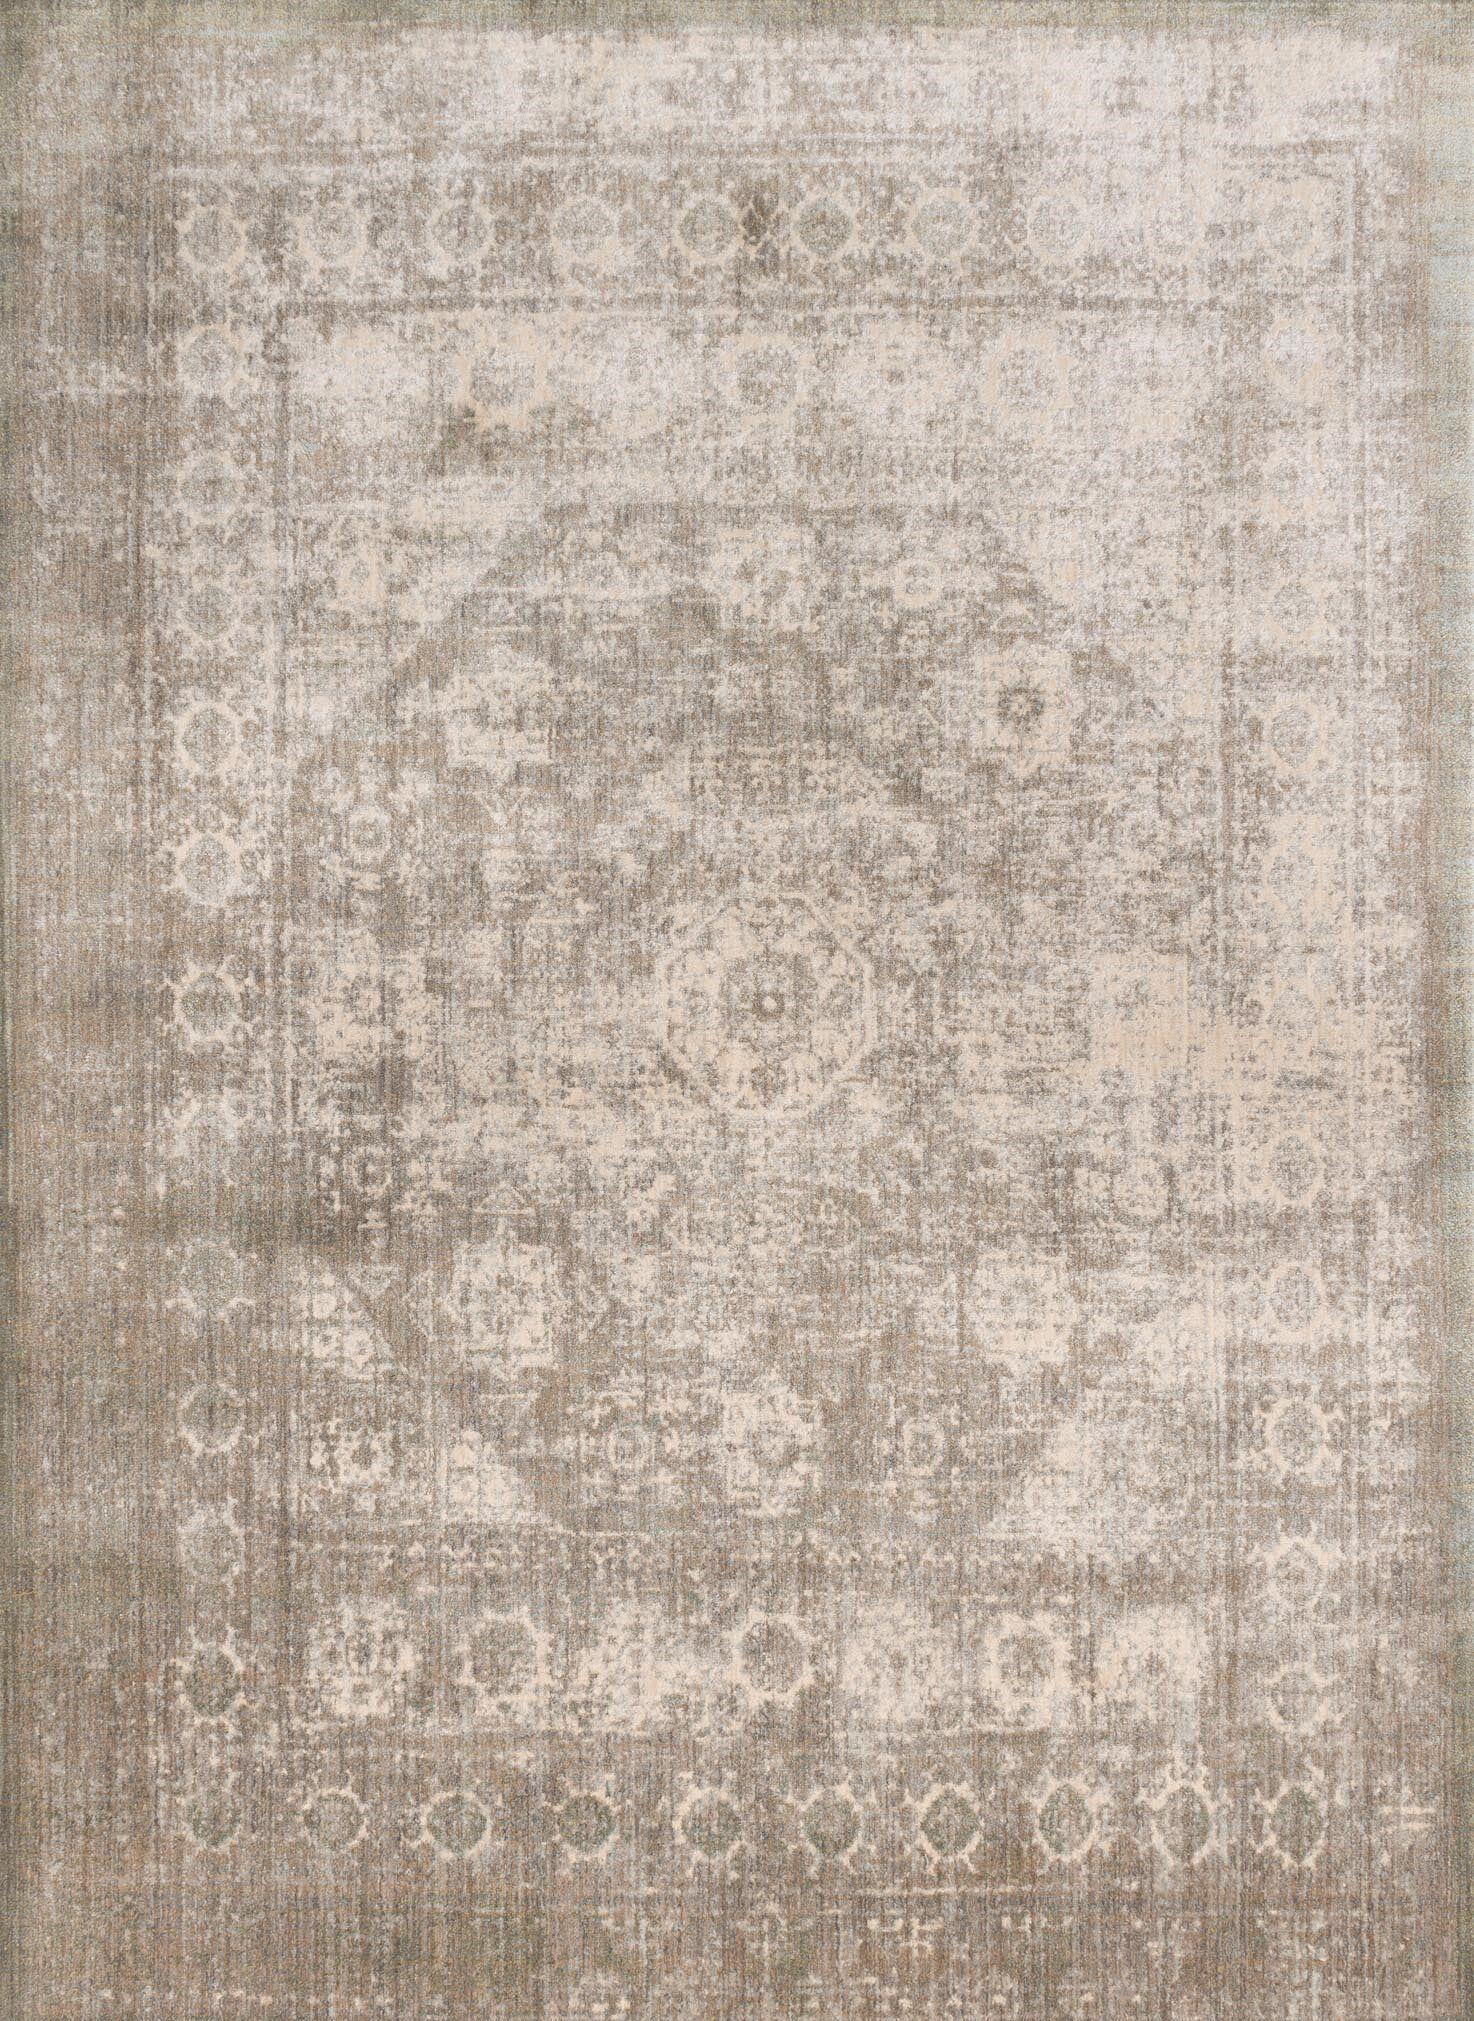 Zehner Gray/Sage Area Rug Rug Size: Rectangle 5'3